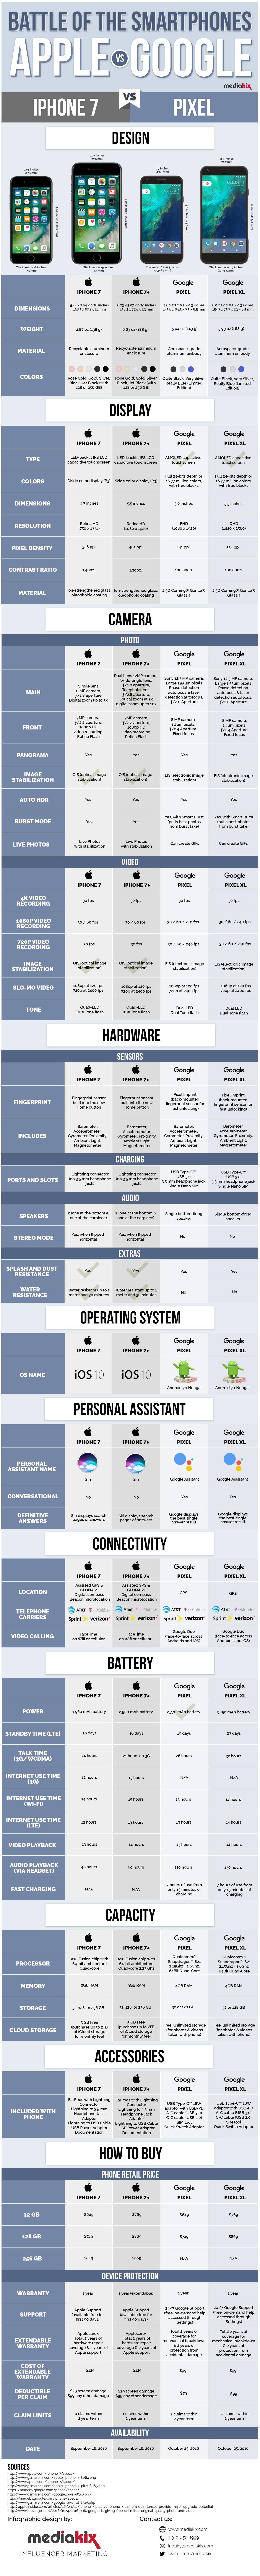 iphone-7-vs-pixel-full-specs-comparison